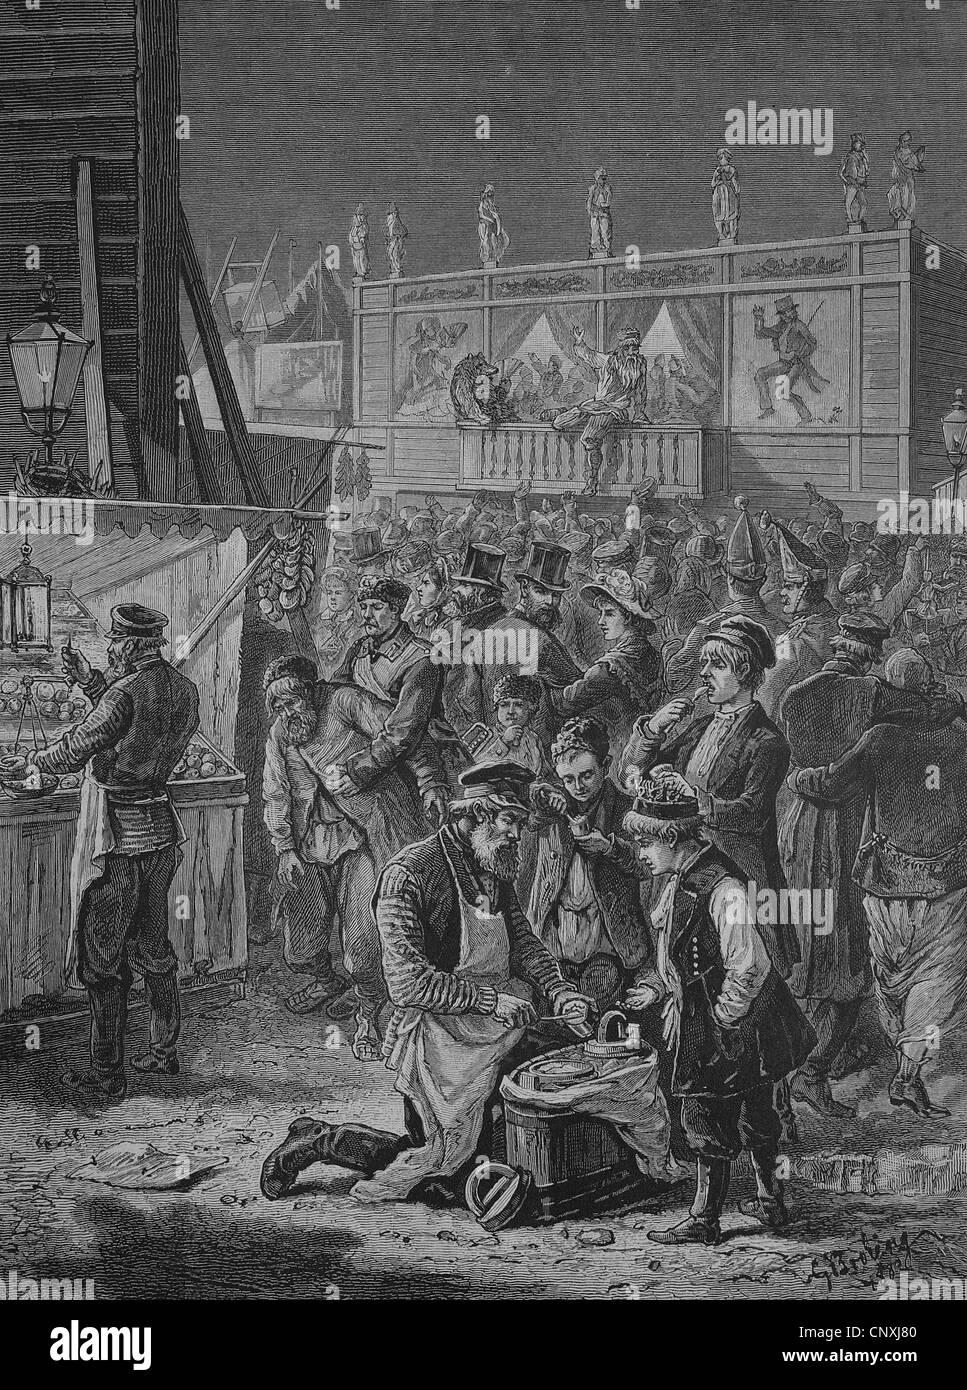 Osterfest auf dem Marsfeld in St. Petersburg, historischer Stich, 1883 - Stock Image